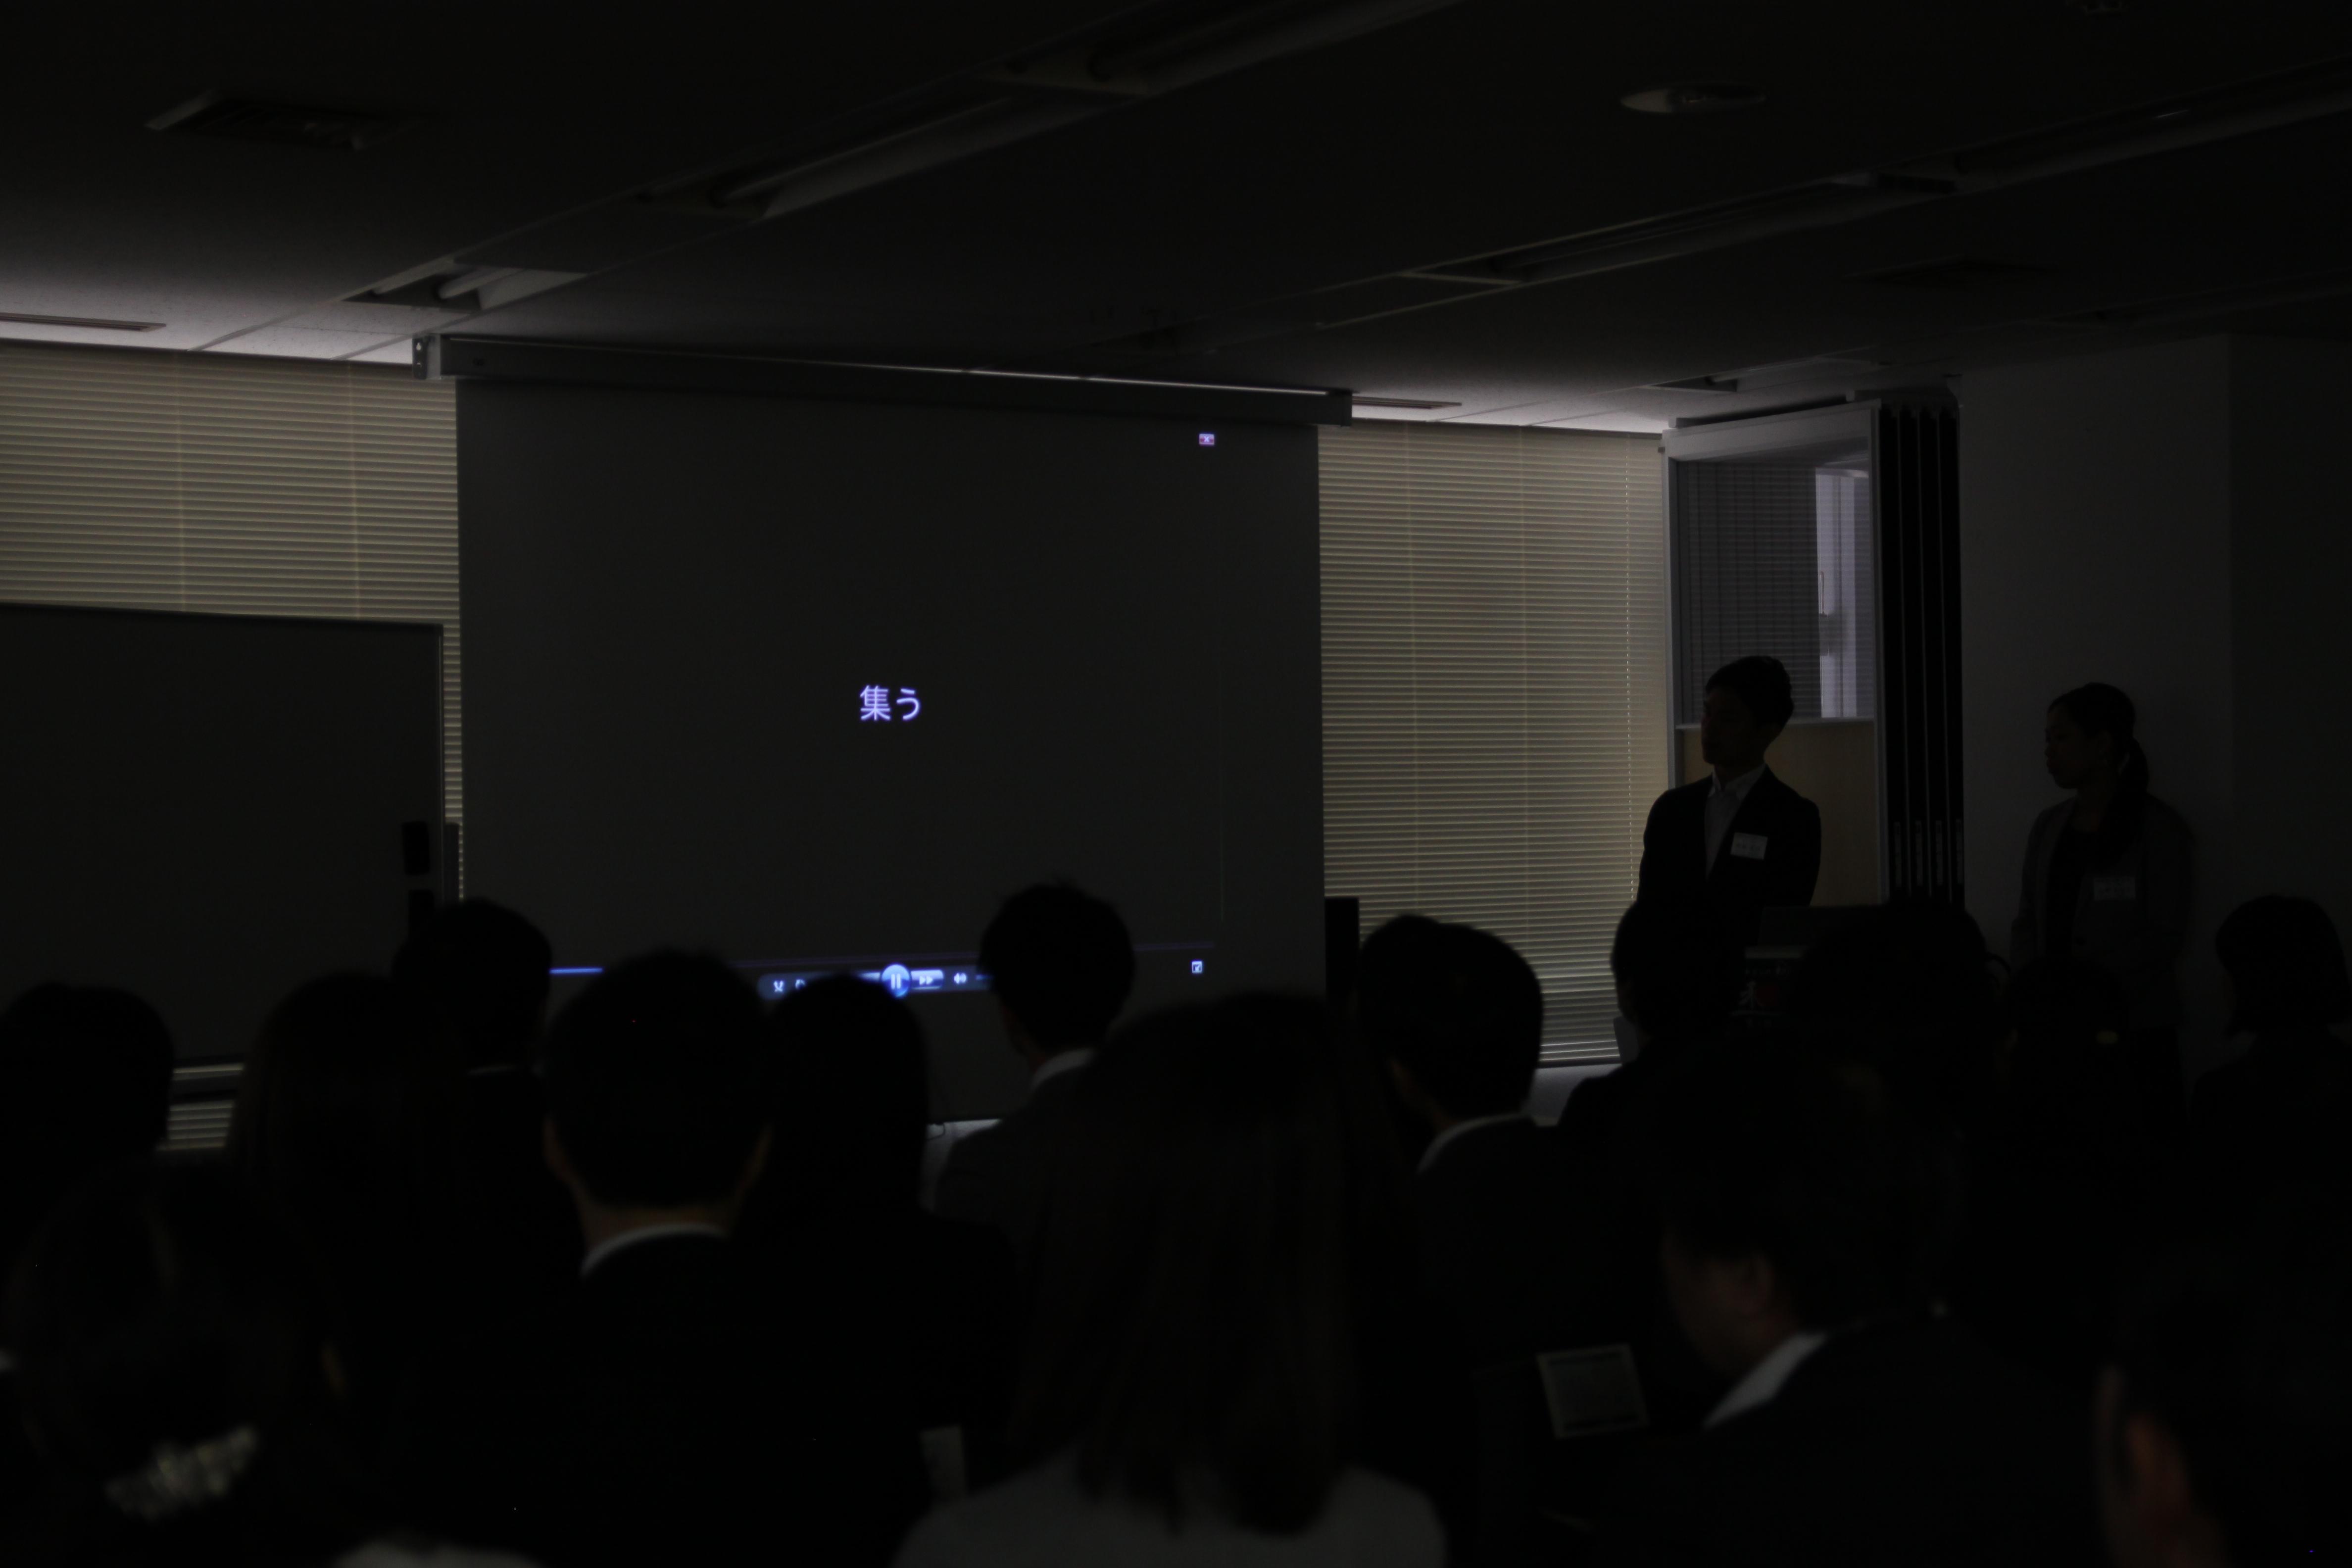 IMG 4540 - 関東若獅子の会、記念すべき第100回